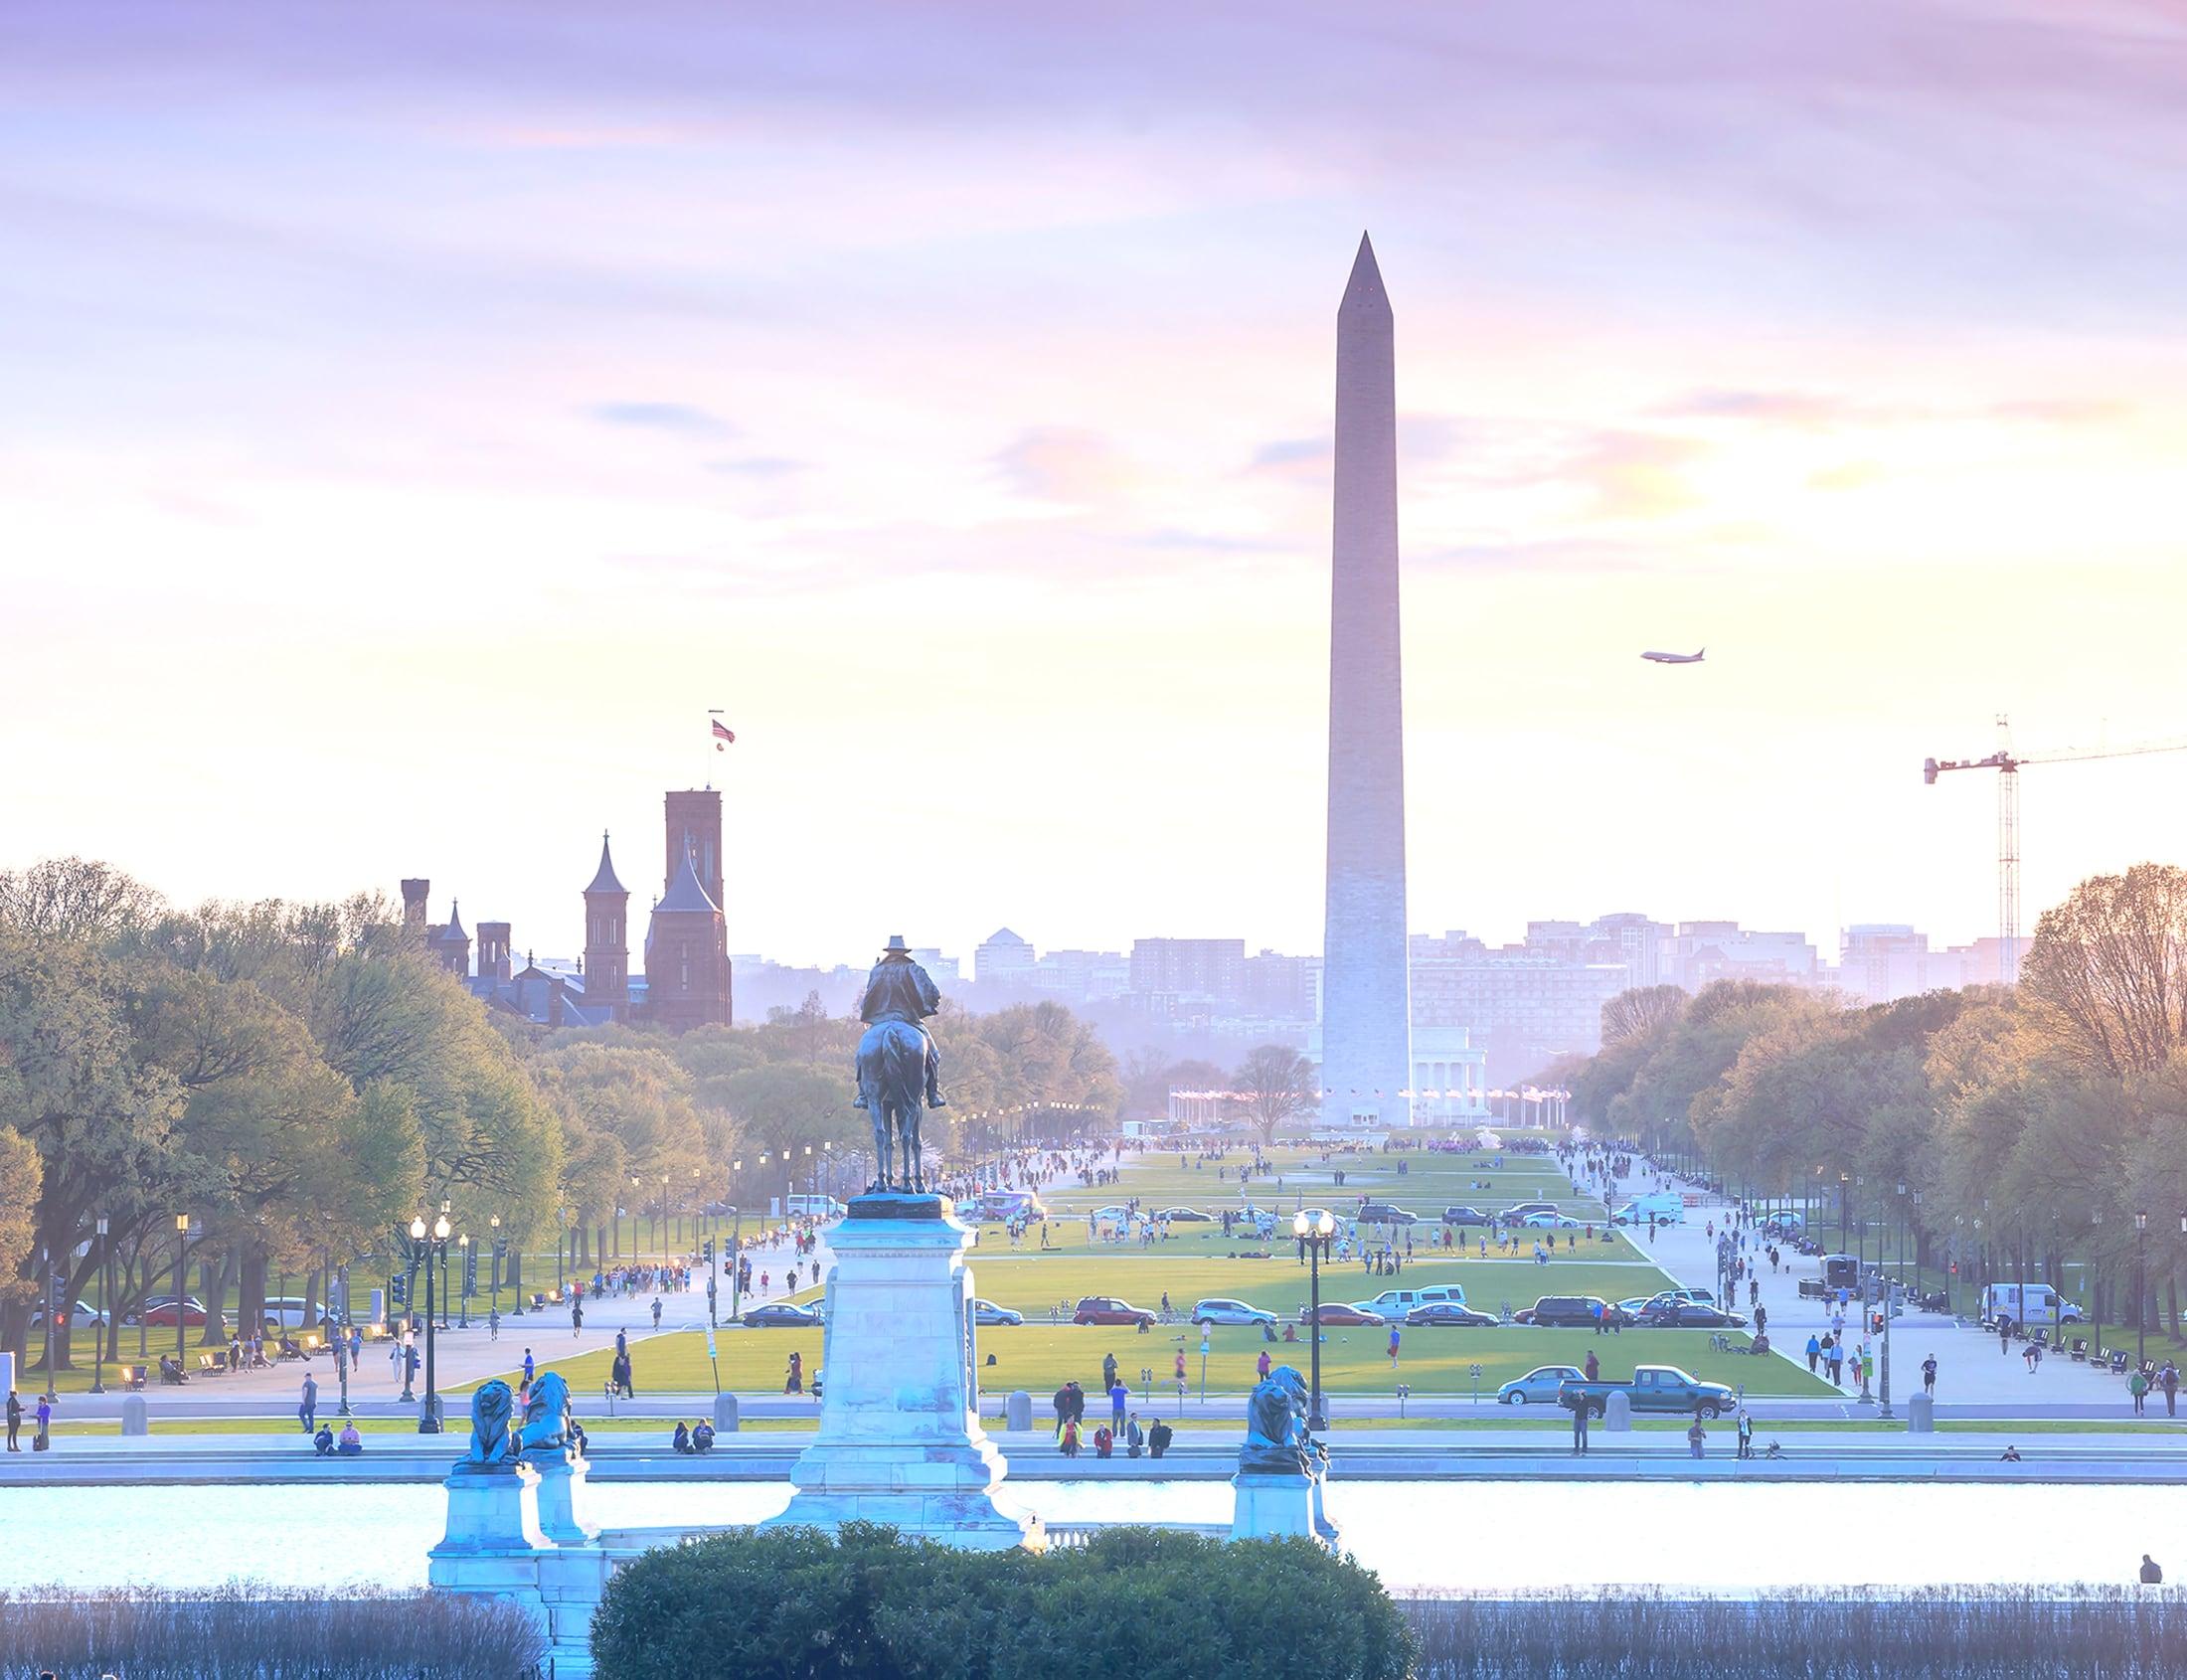 Background image of Washington D.C.